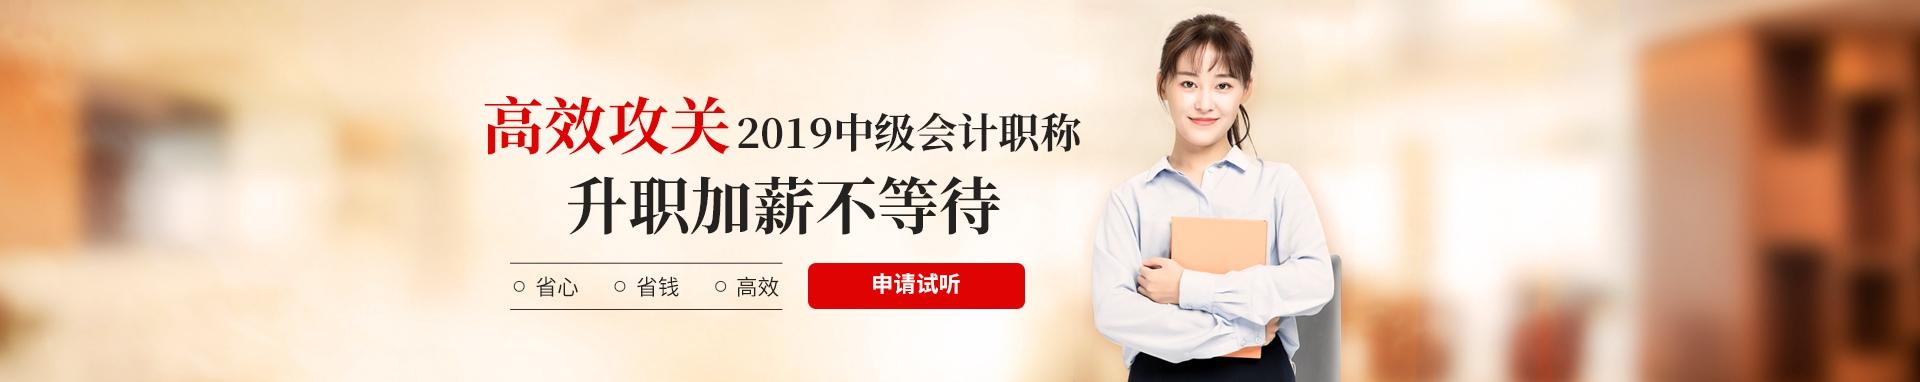 北京通州区会计培训学校